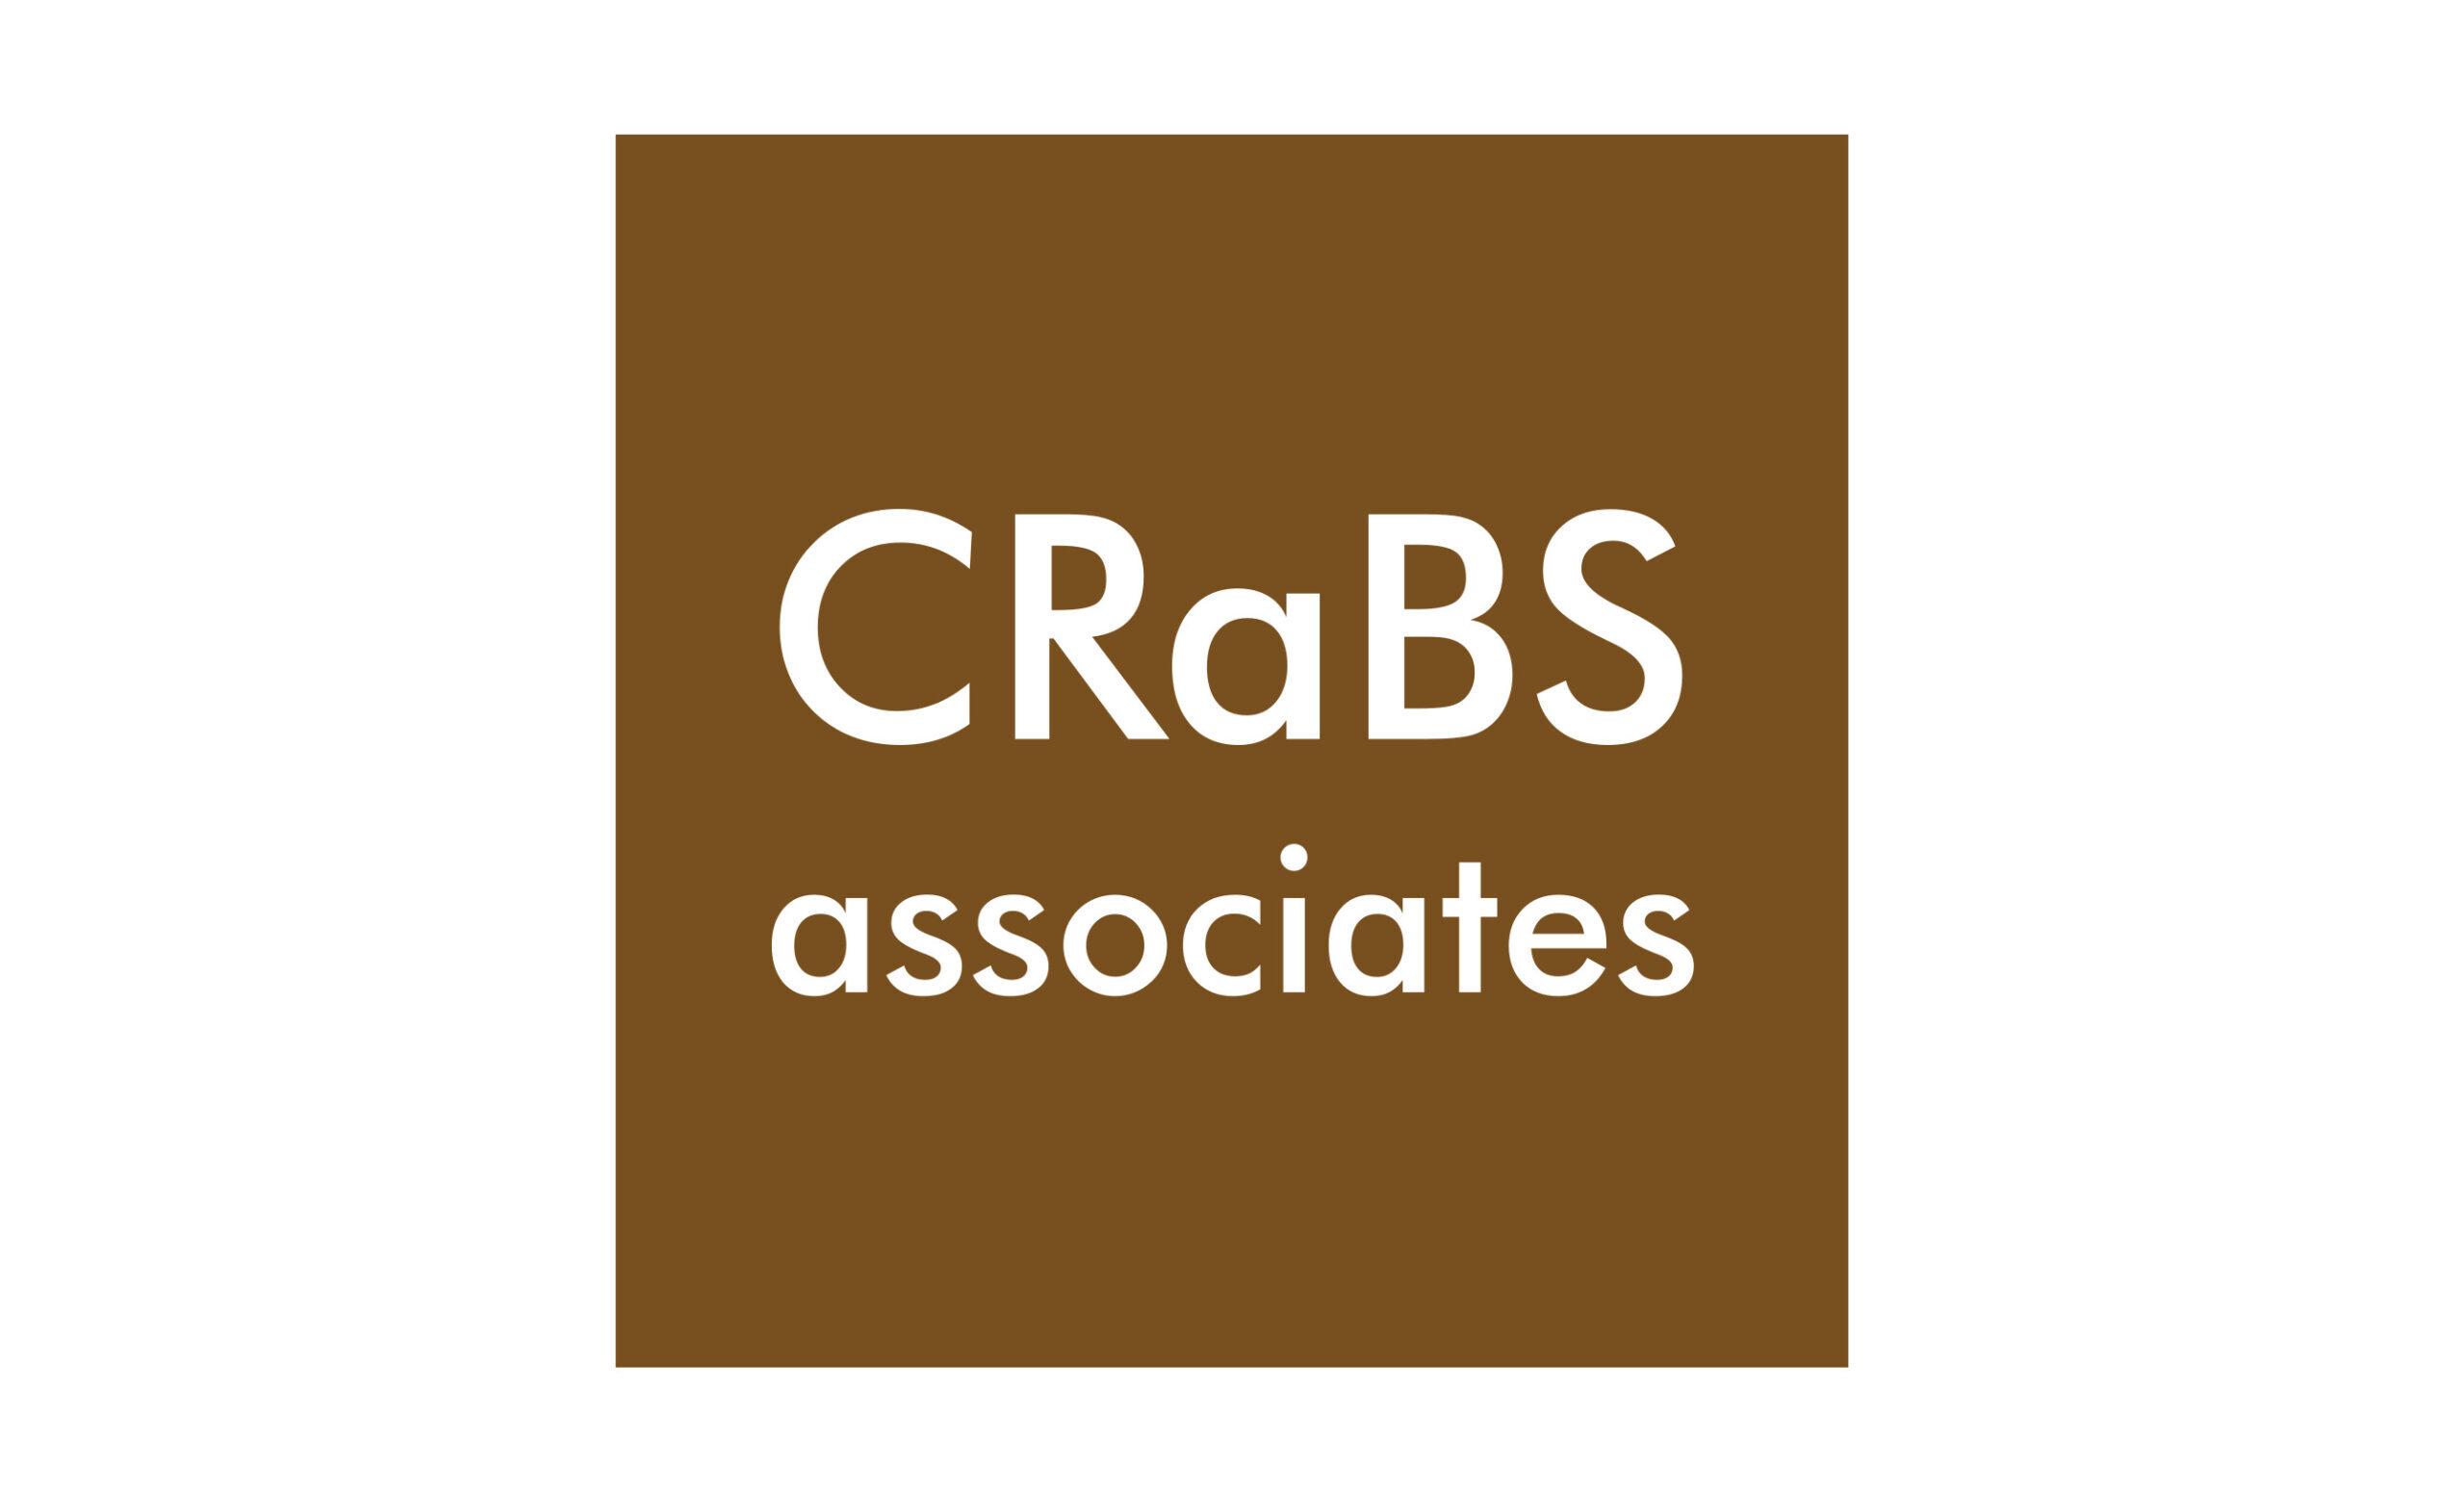 Crabs Associates